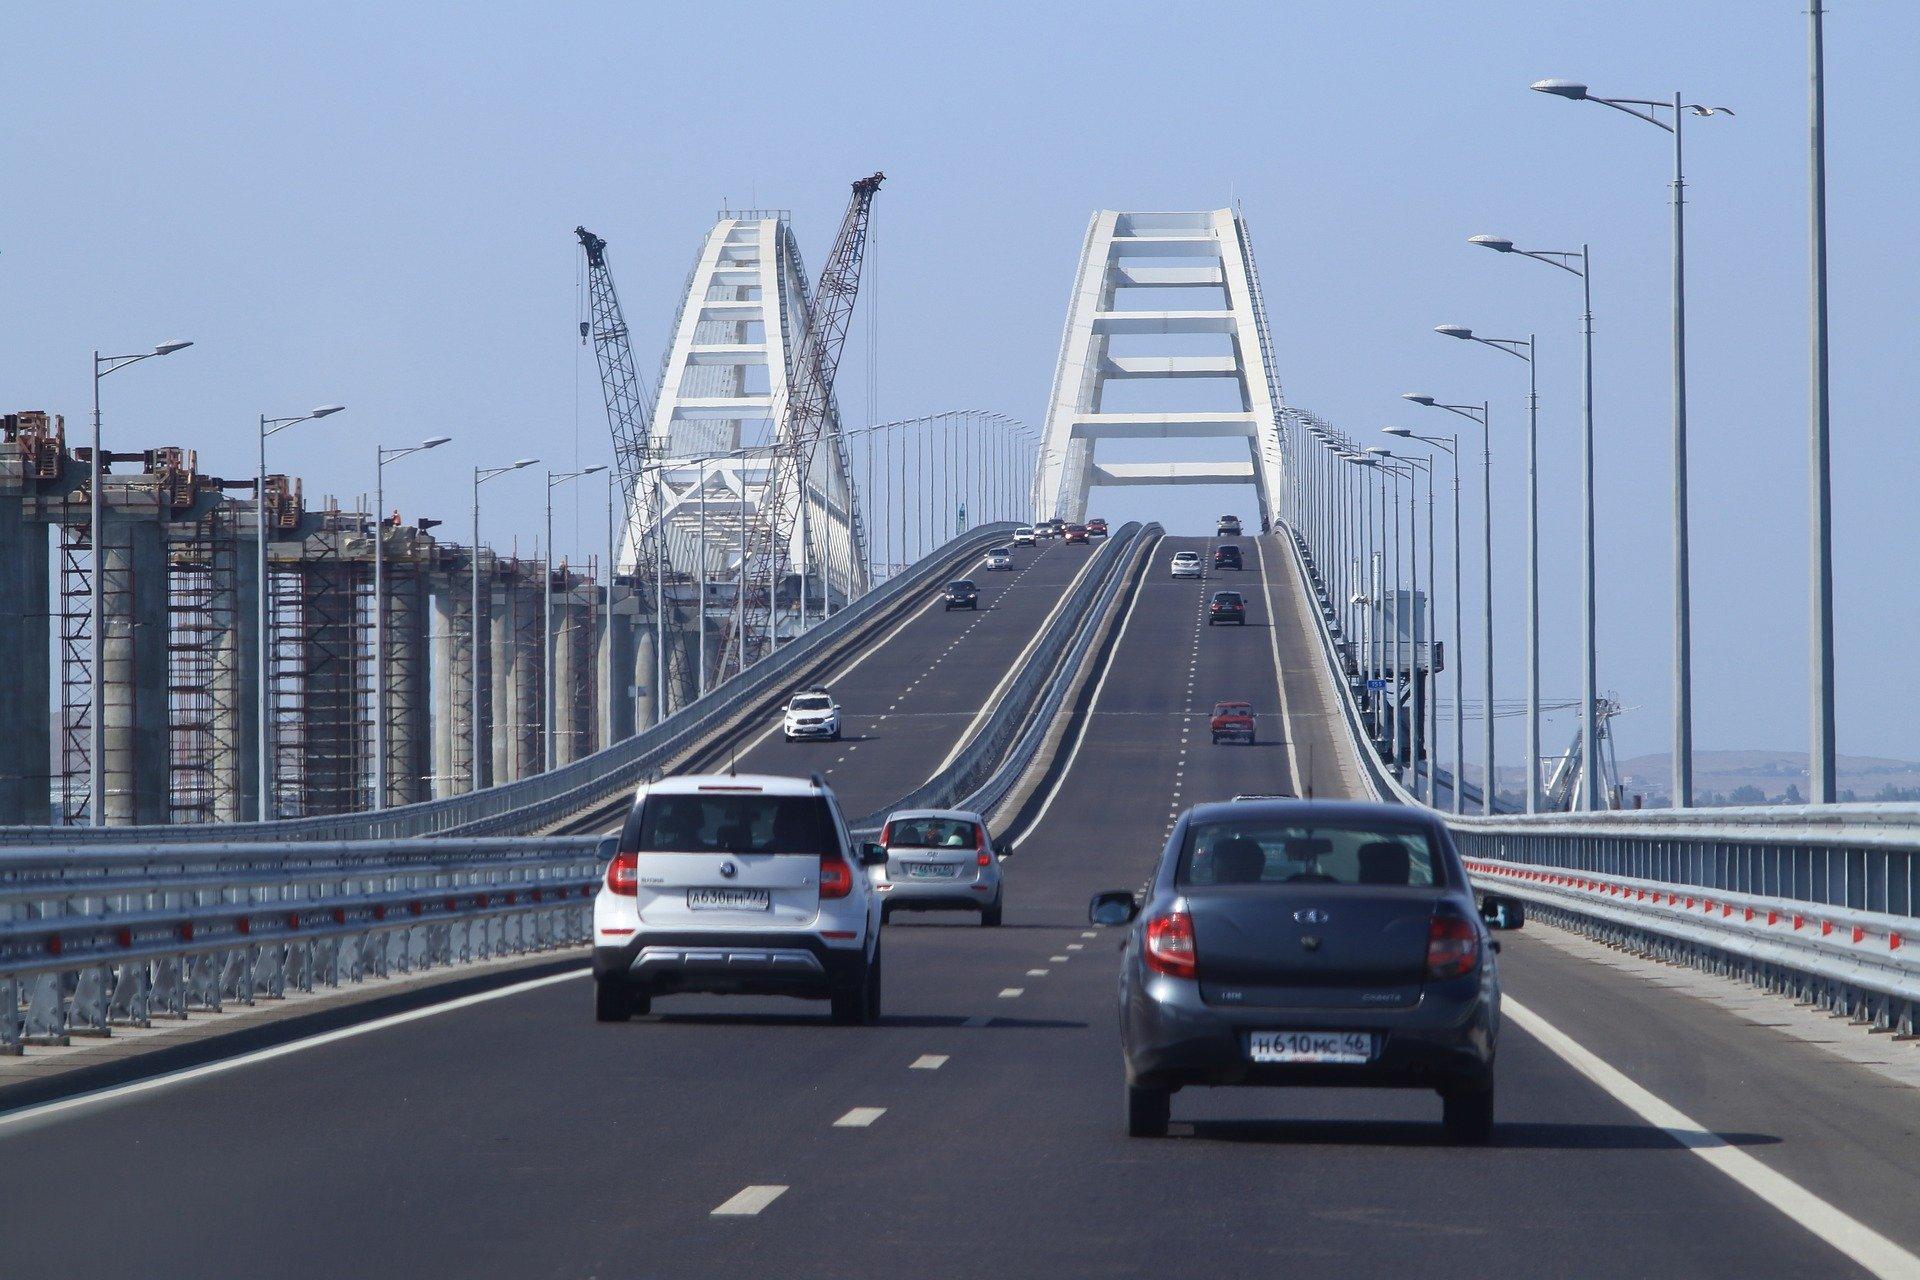 Автомобильное движение по Крымскому мосту перекрыто, железнодорожная часть работает